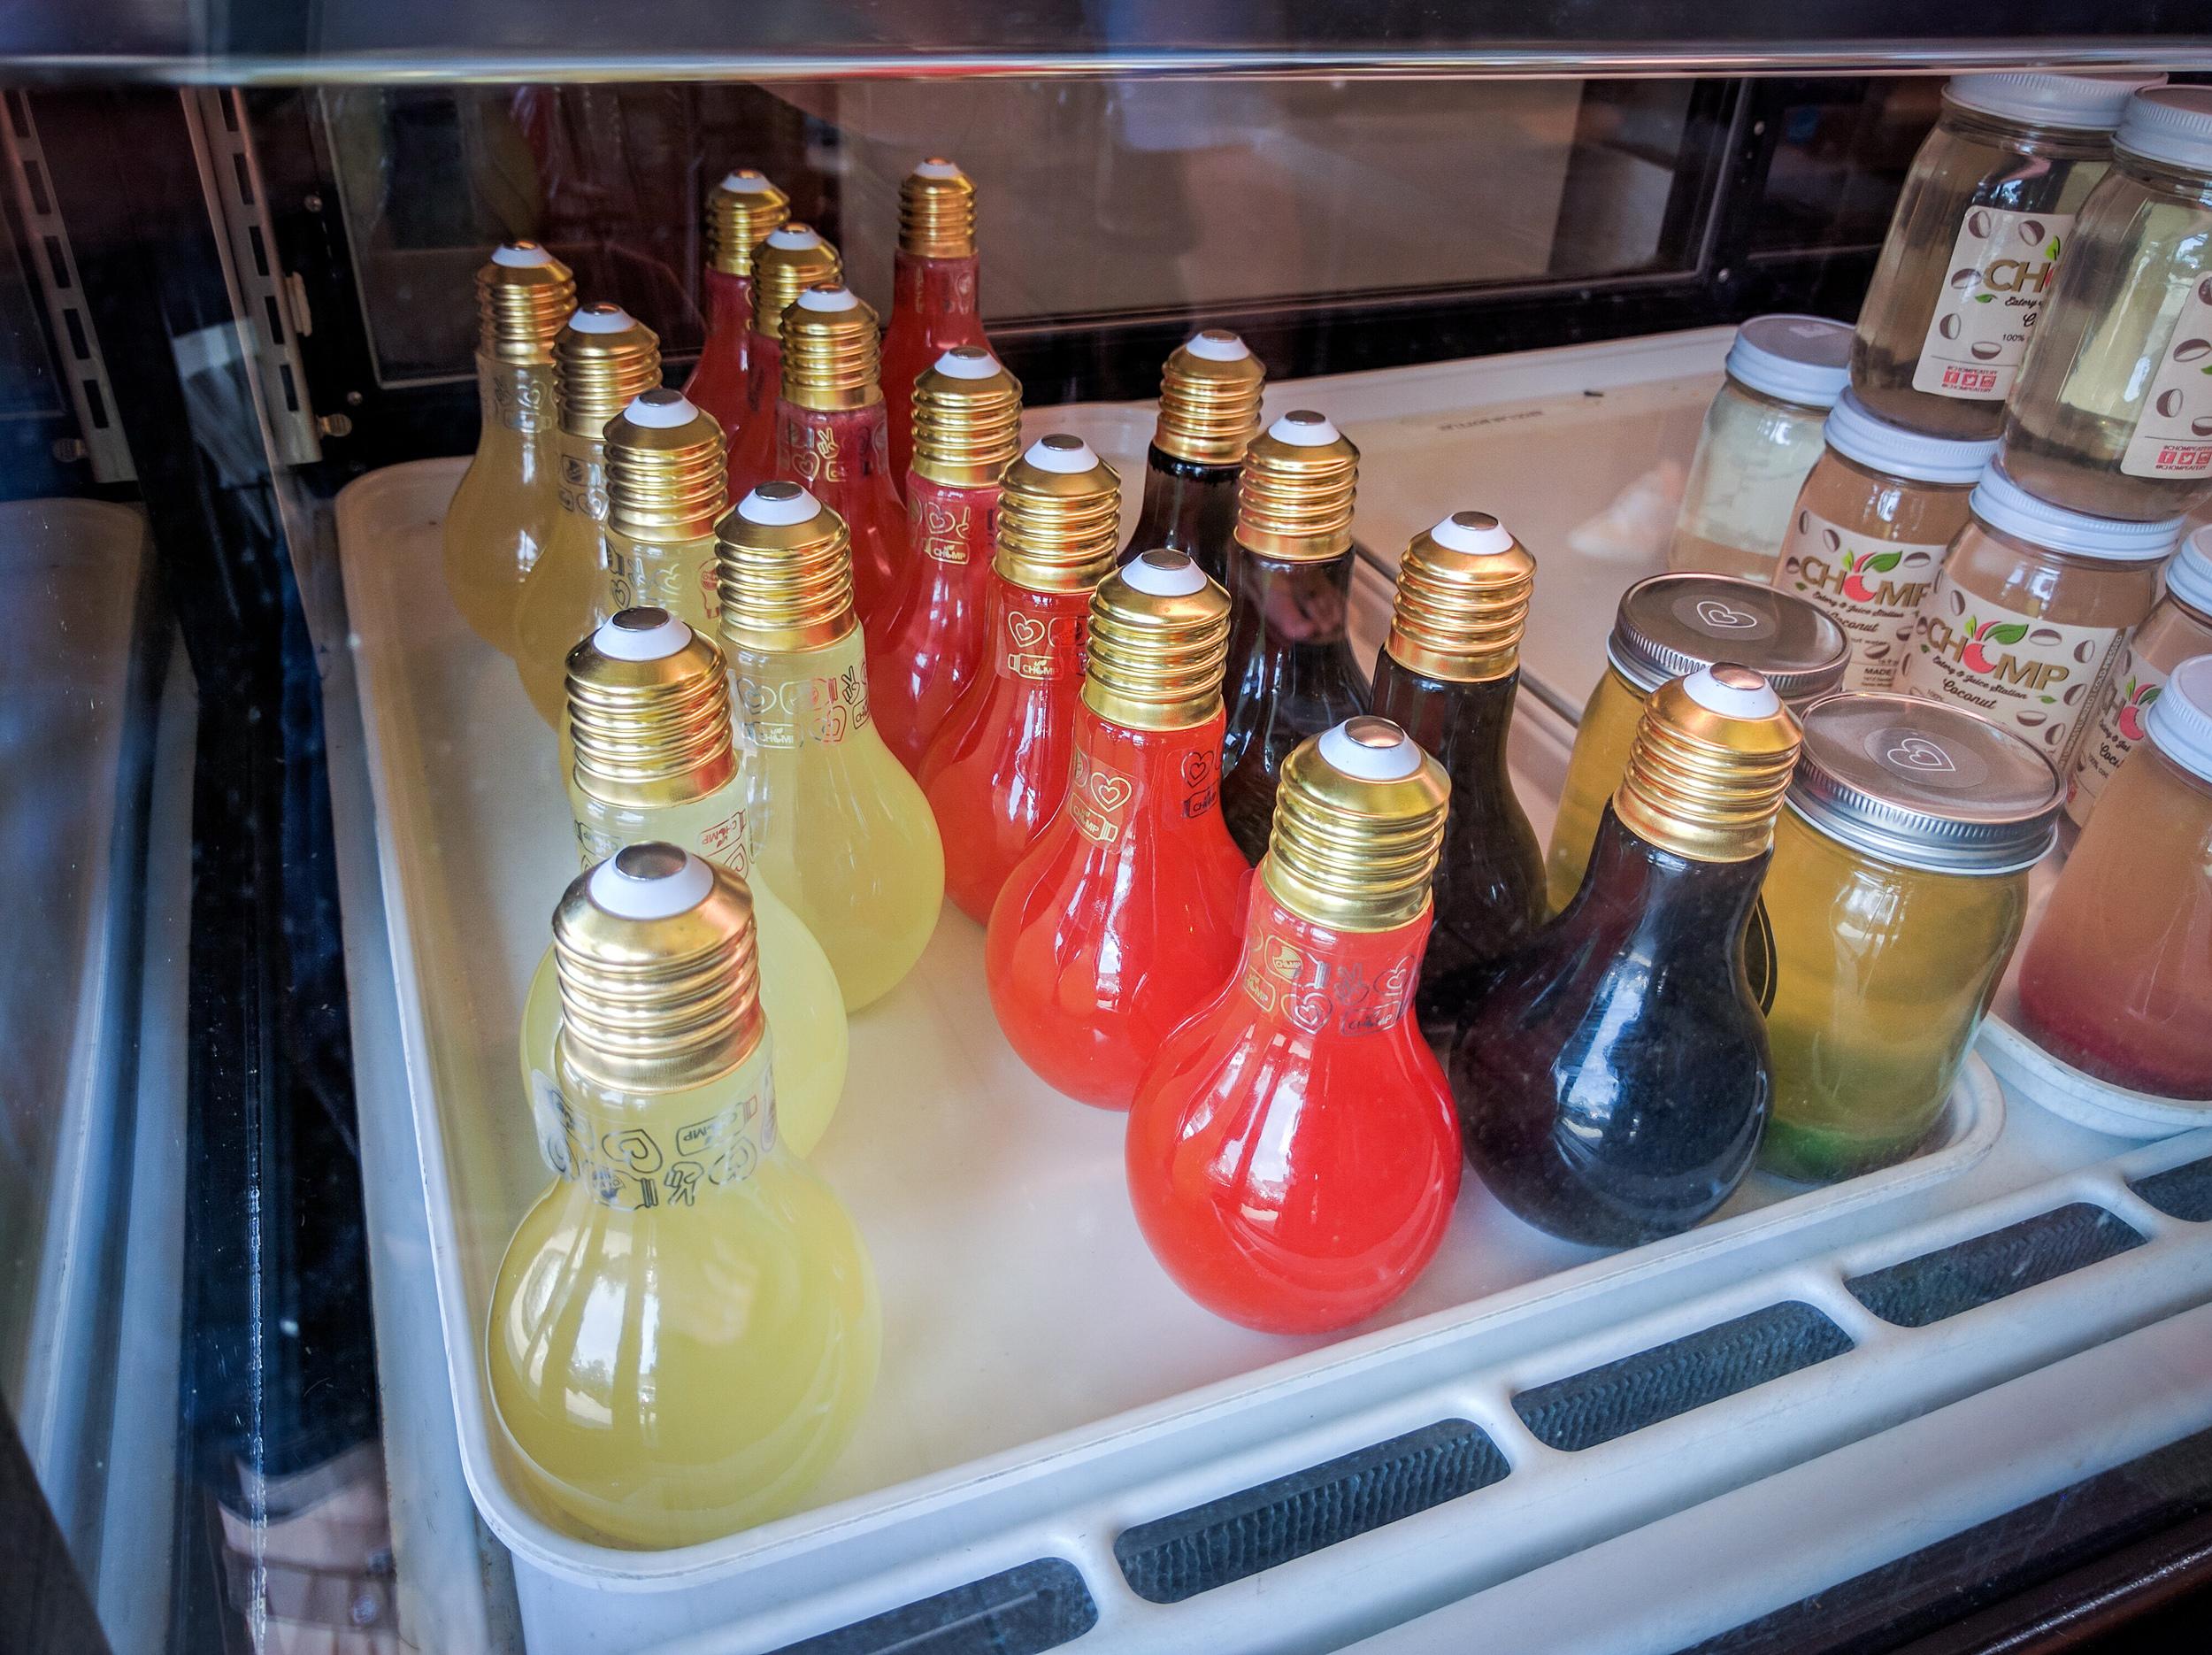 Juice bottles in the shape of light bulbs. Neat.